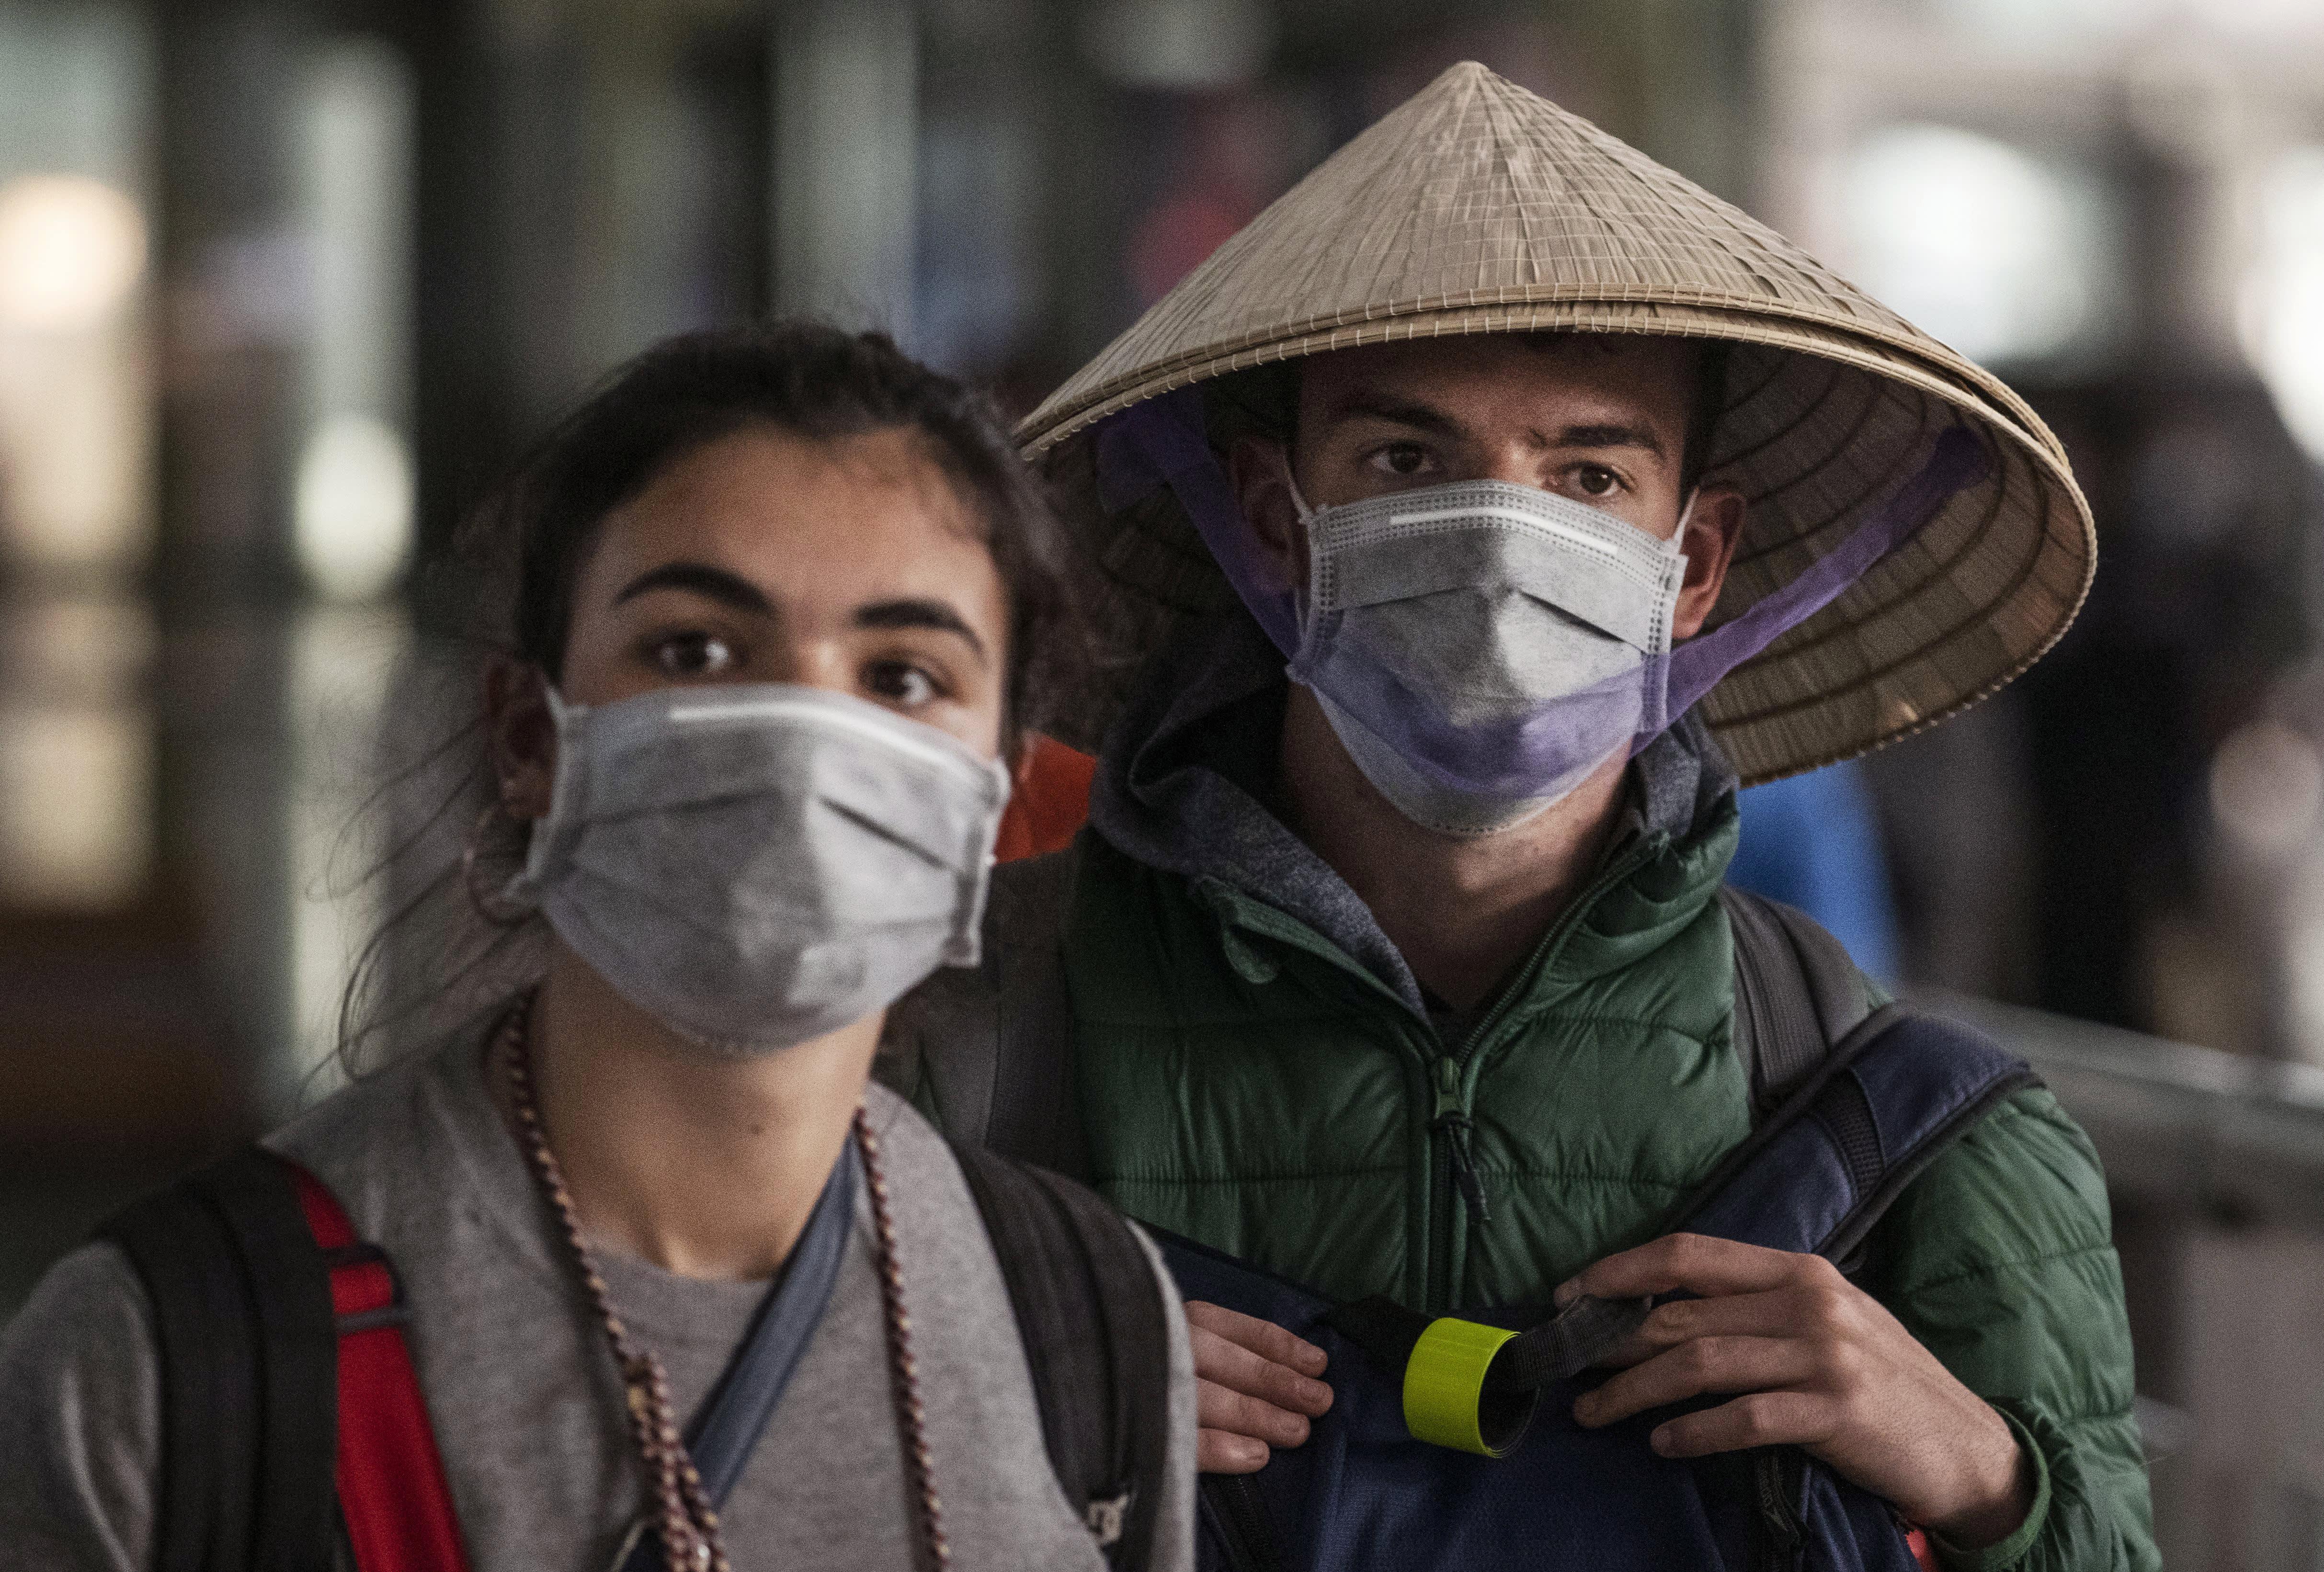 Airbnb halts Beijing bookings until May due to coronavirus outbreak